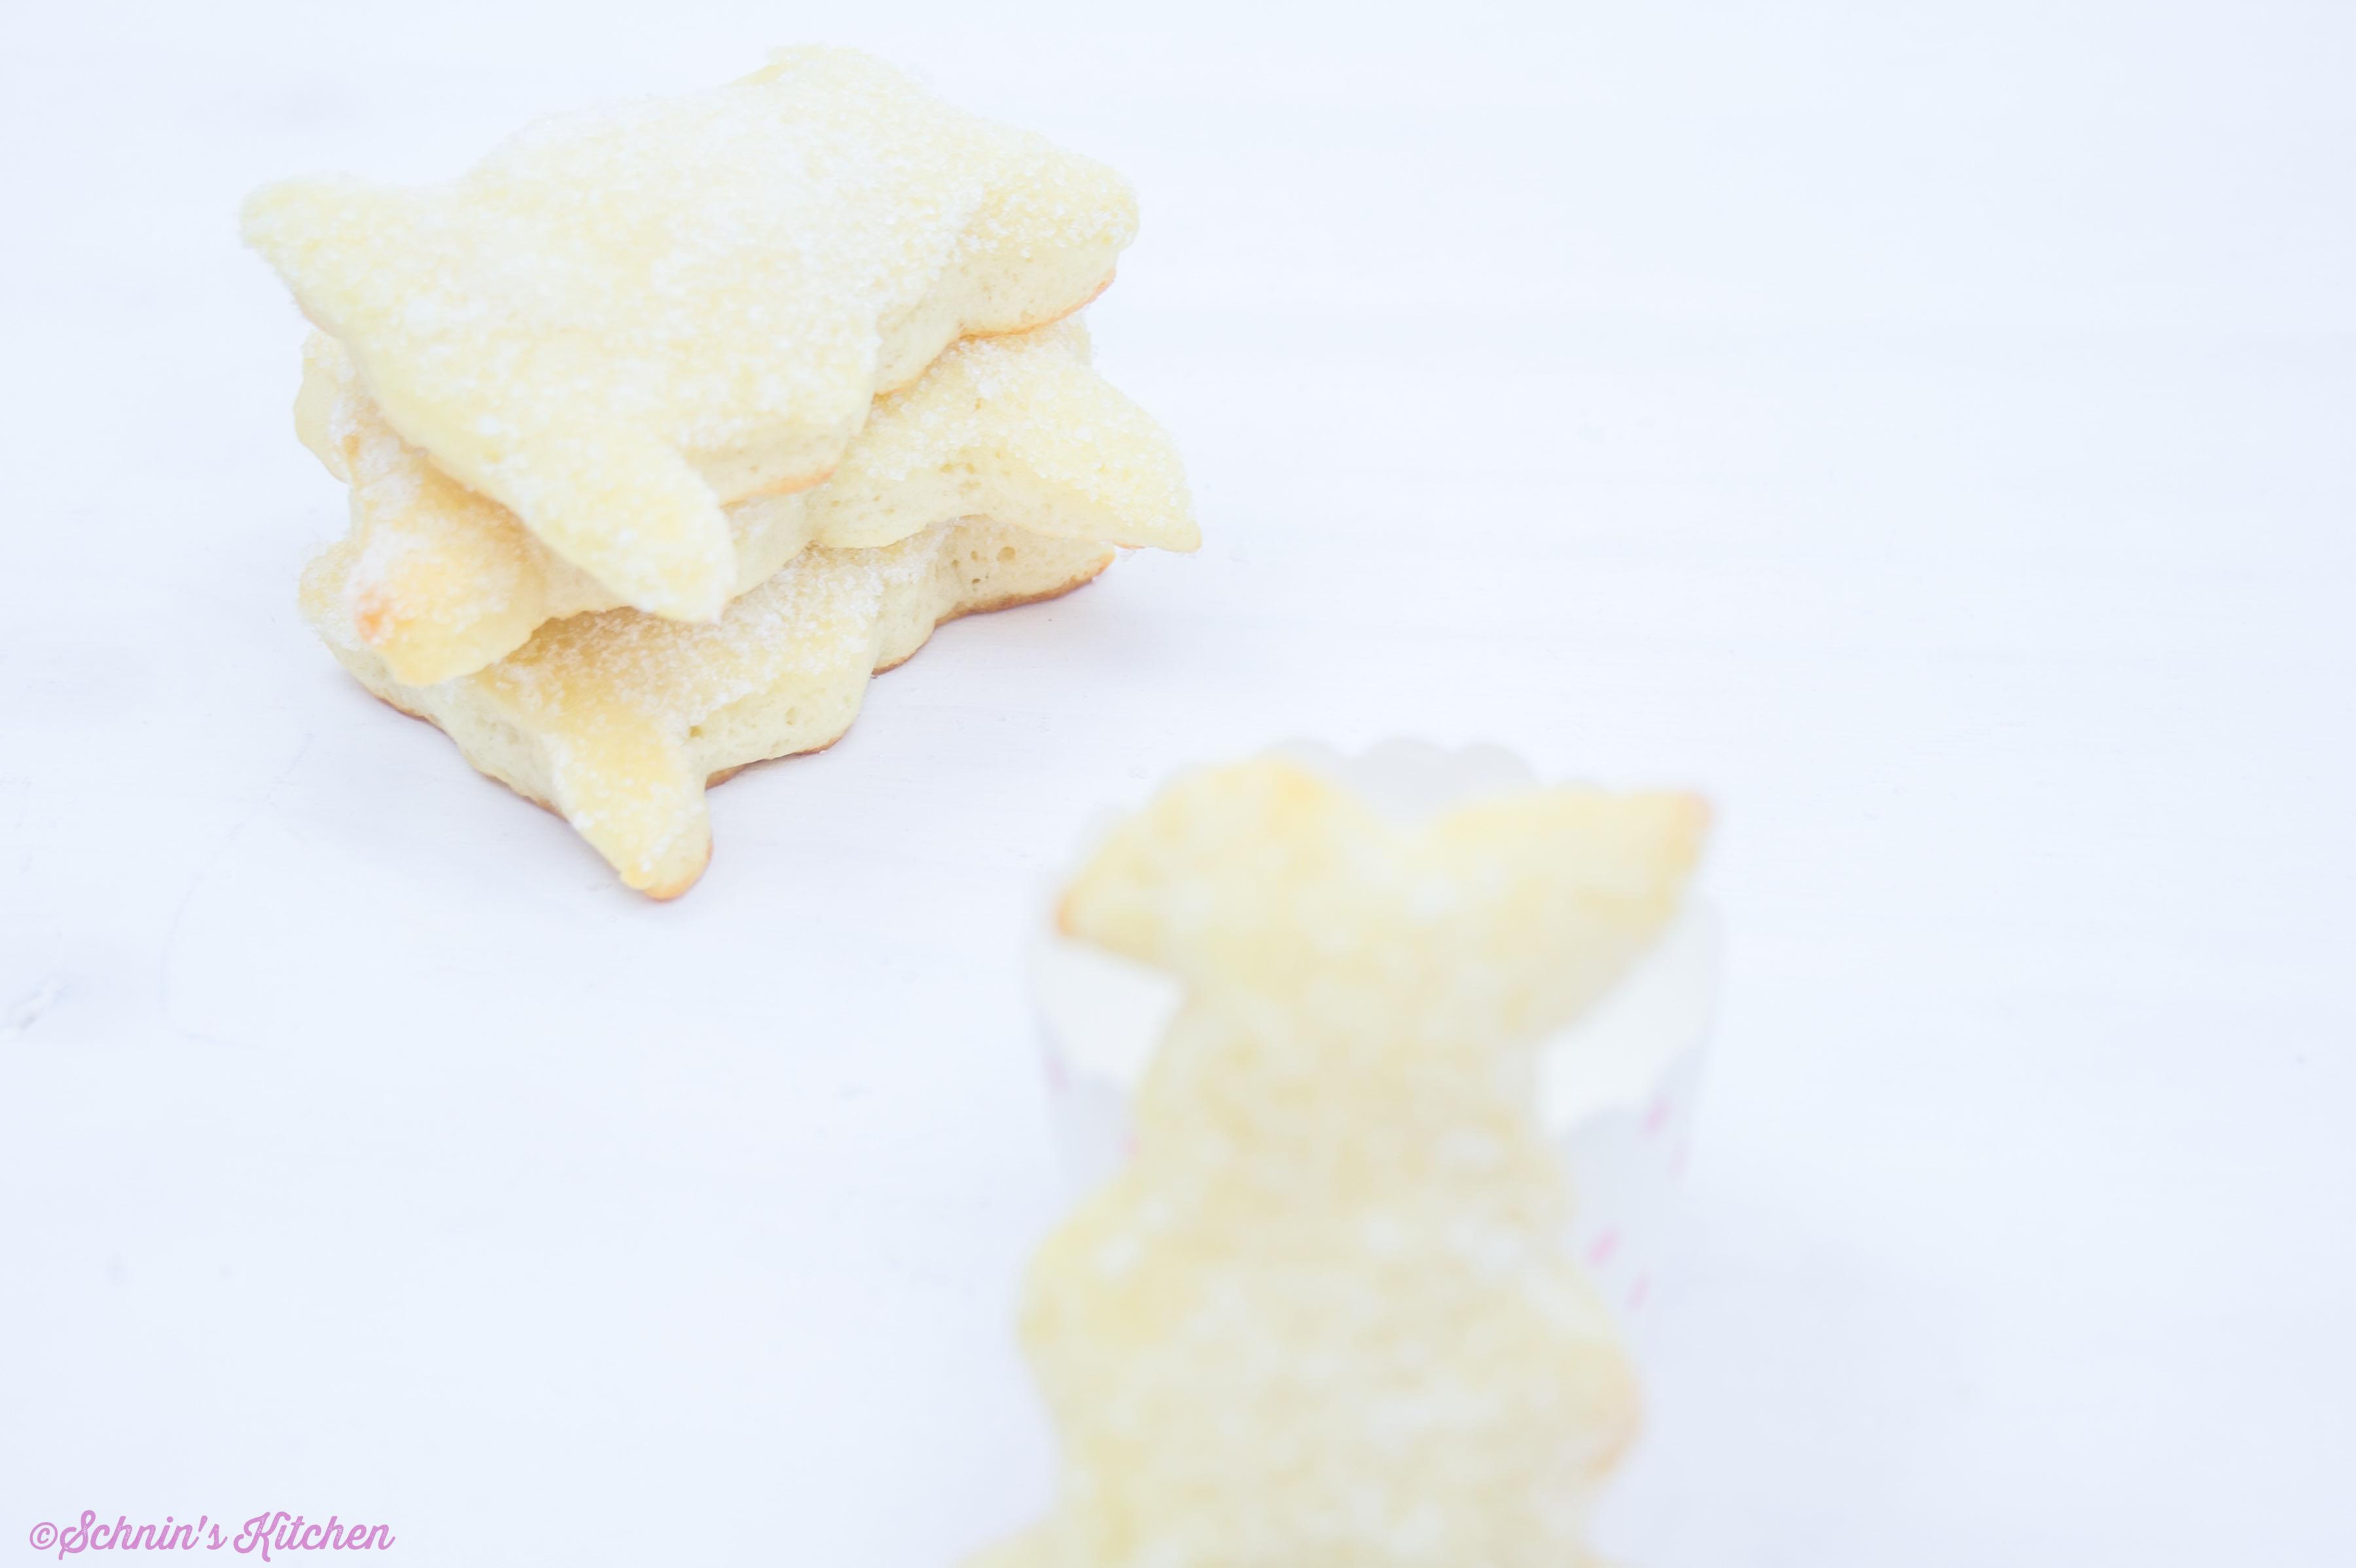 Schnin's Kitchen: Quarkhasen aus Quark-Öl-Teig